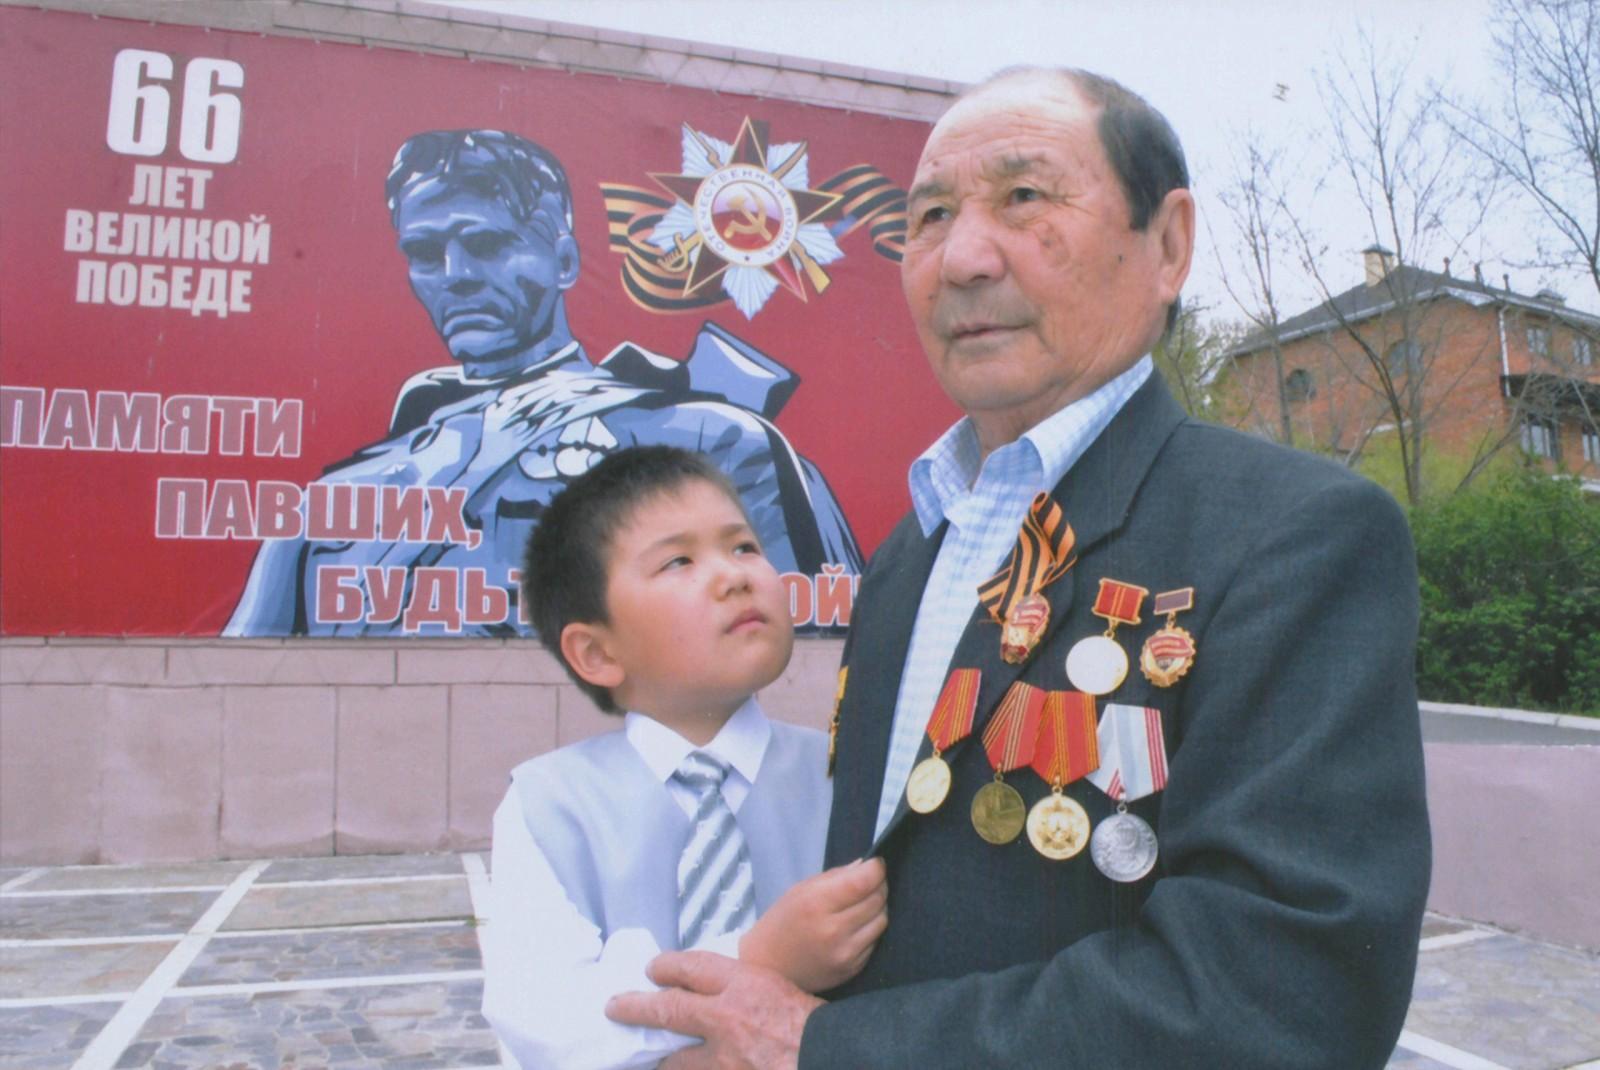 Сегодня свой 95 День Рождения отмечает ветеран Великой Отечественной войны Мугаш Сангаджиевич Араев